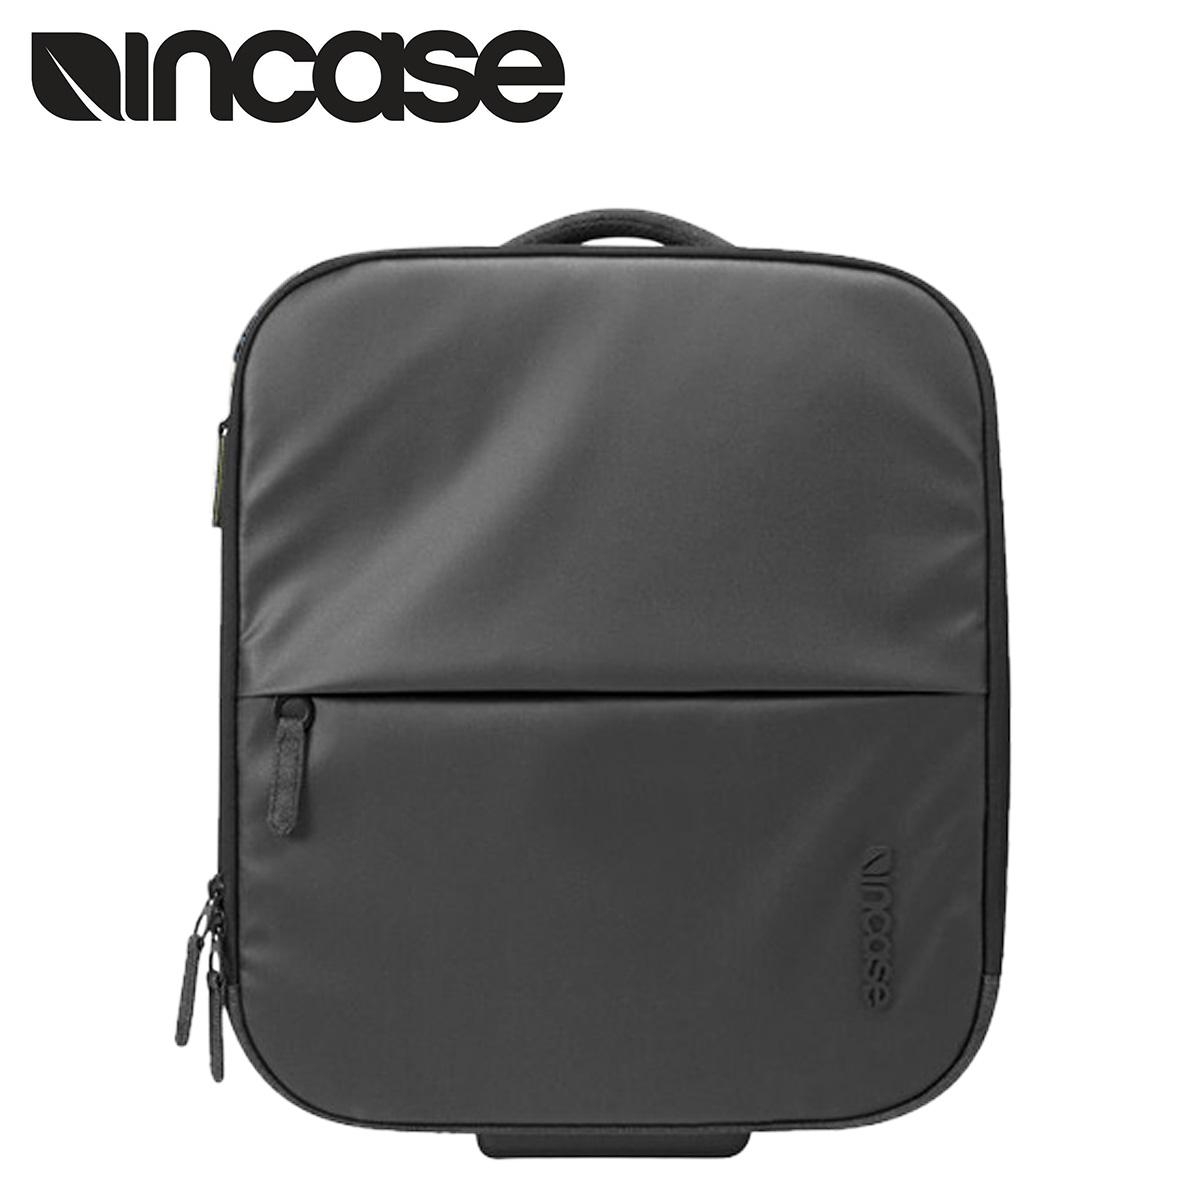 INCASE インケース キャリーバッグ スーツケース キャリーケース CL90003 ブラック EO TRAVEL ROLLING BRIEF メンズ